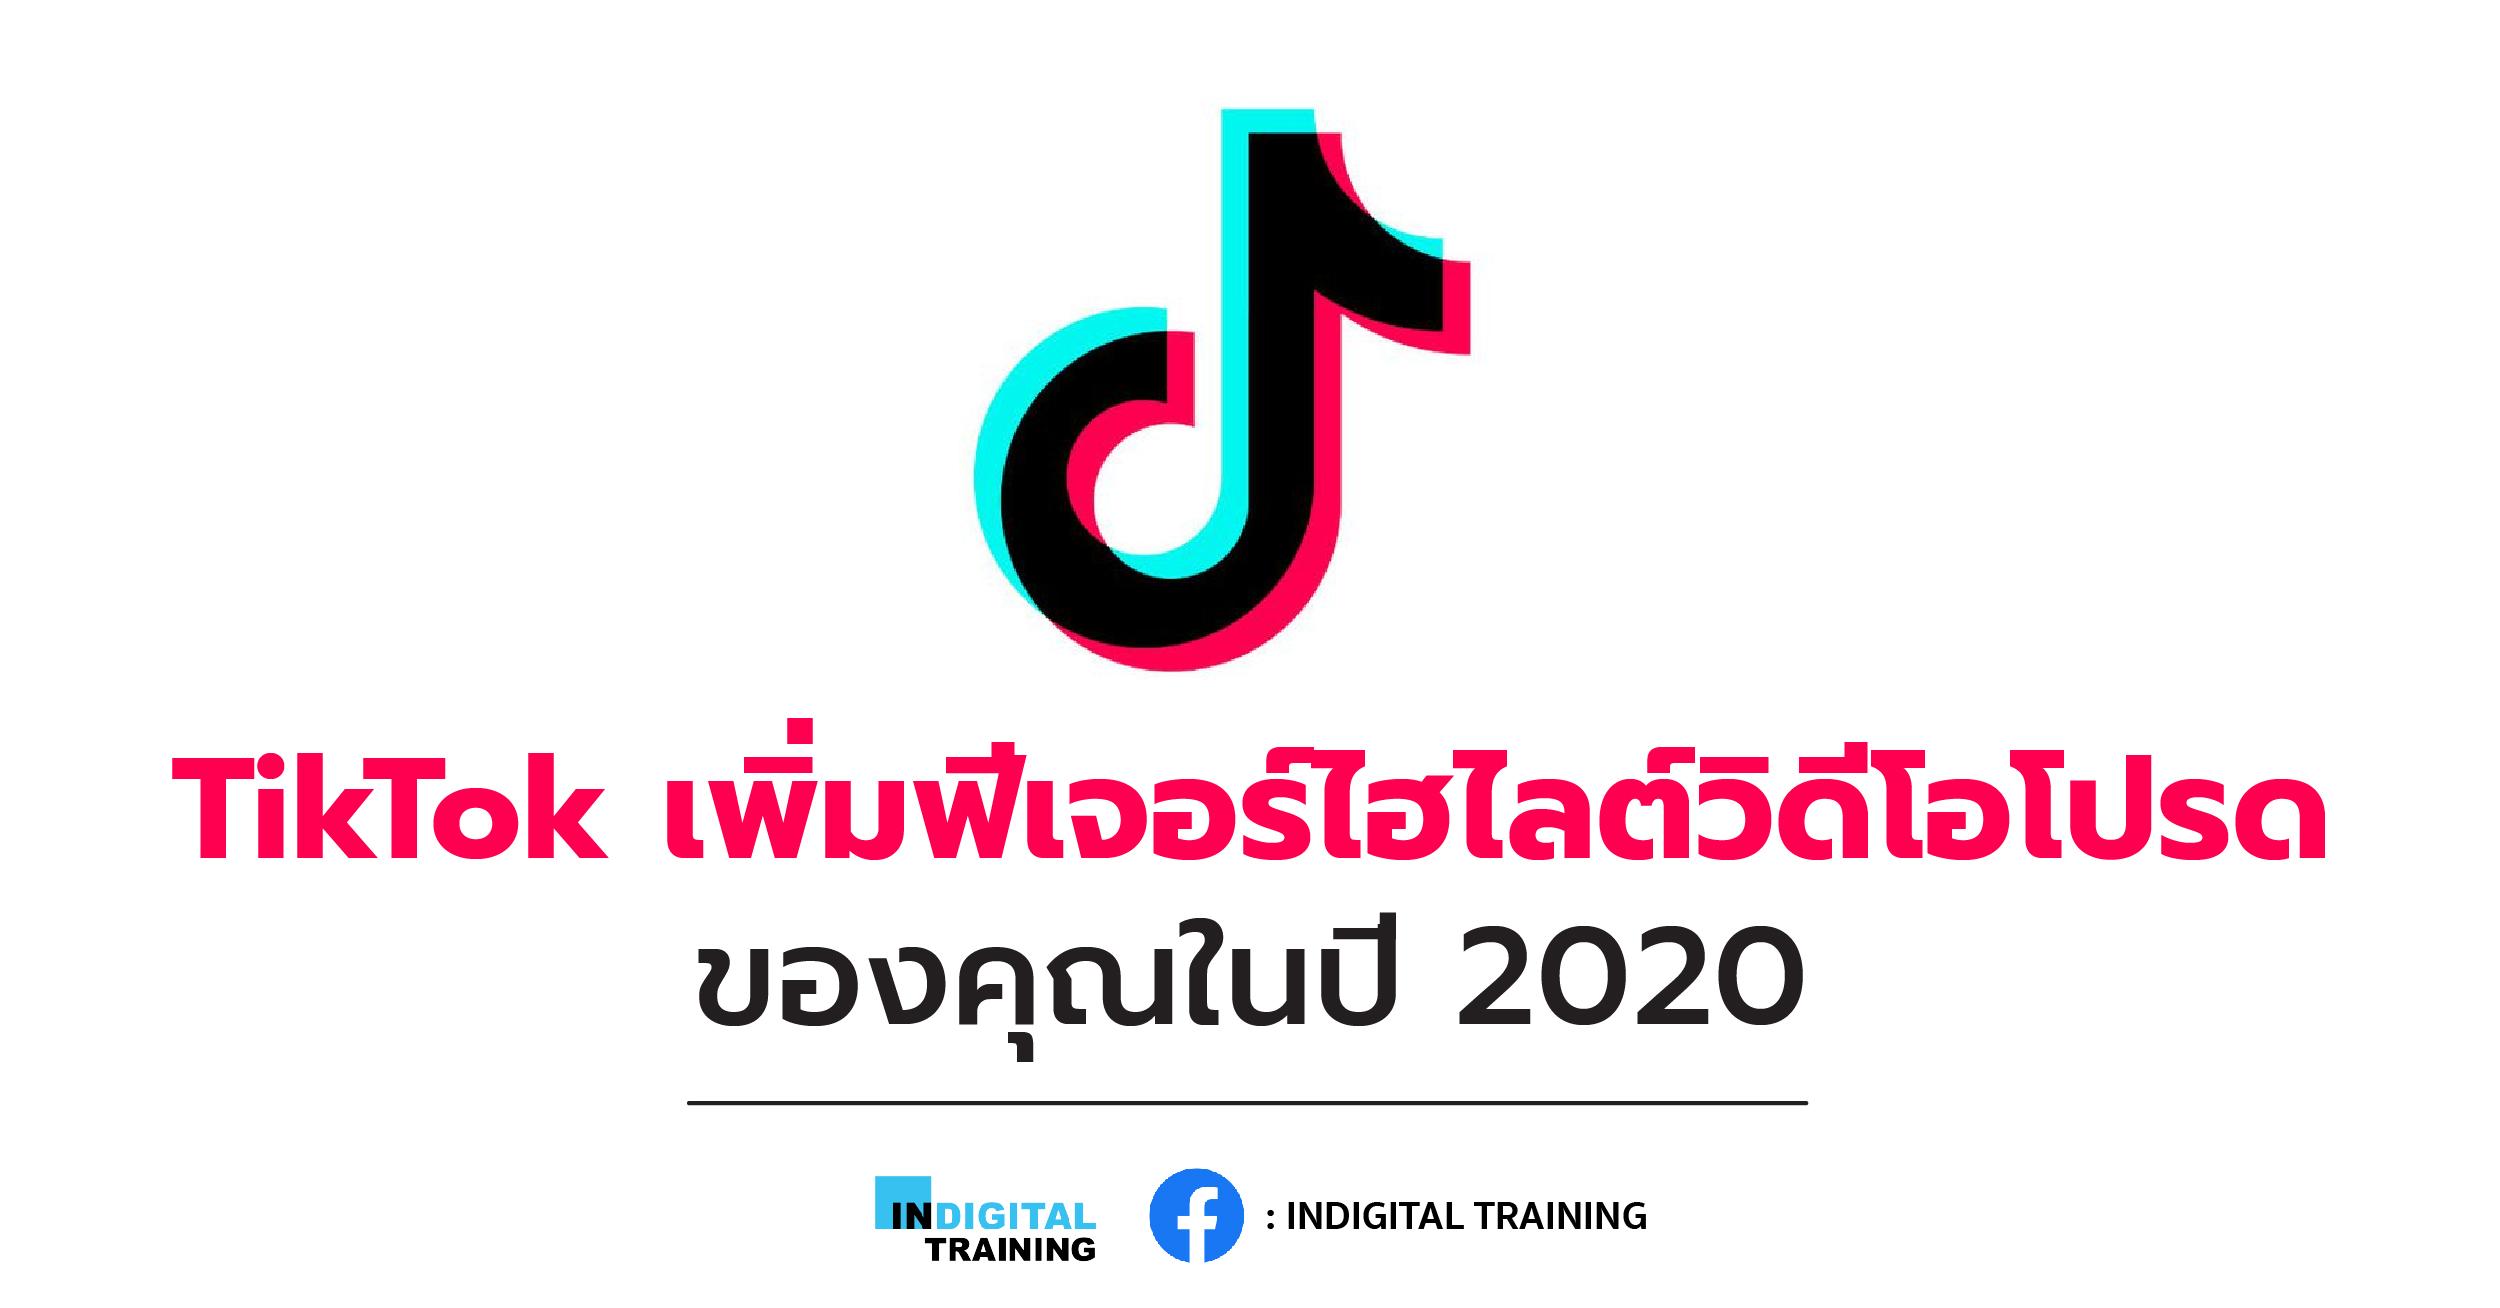 TikTok เพิ่มฟีเจอร์ไฮไลต์วิดีโอโปรดของคุณในปี 2020